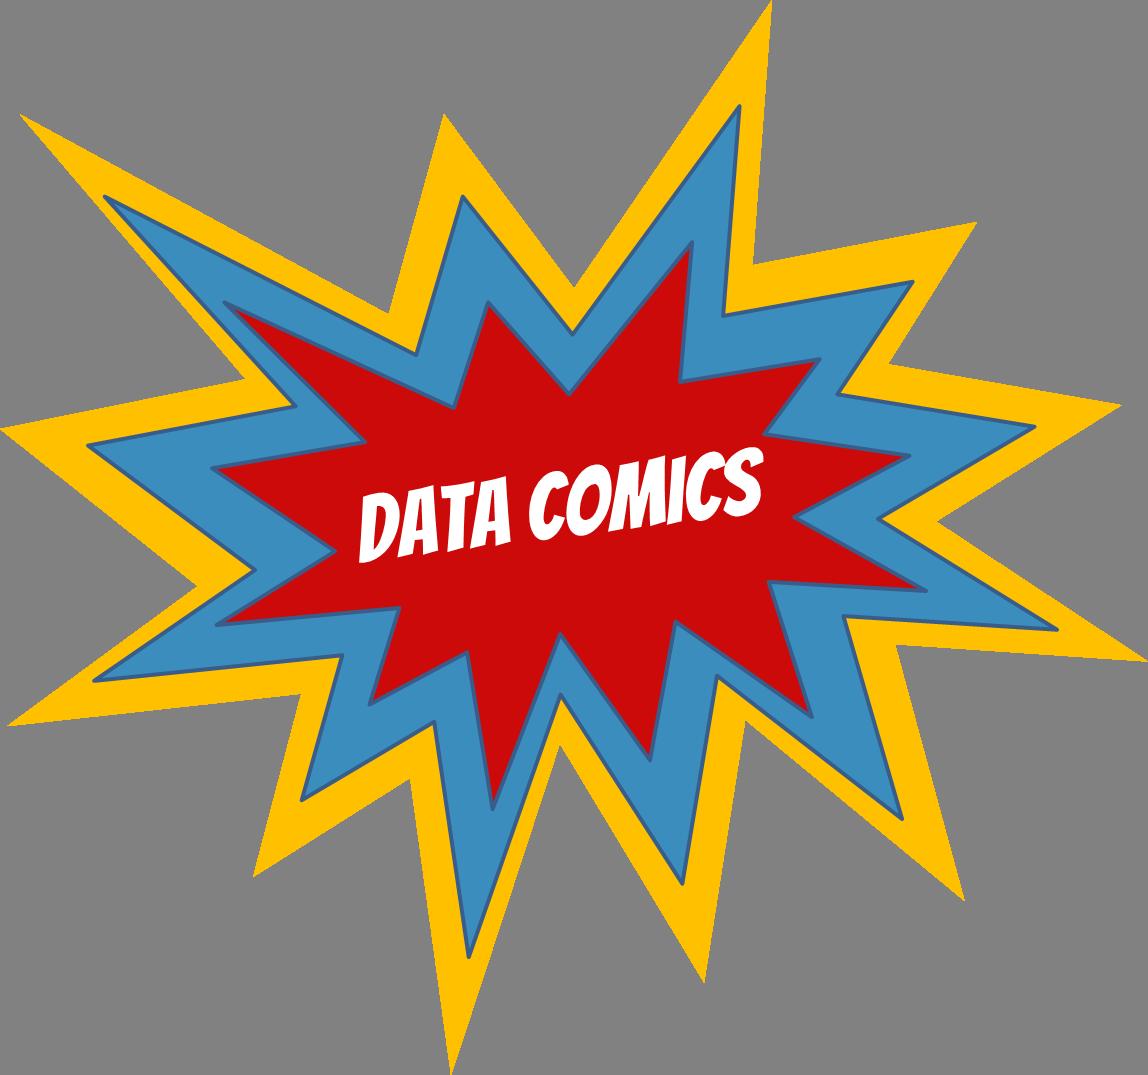 datacomics.net